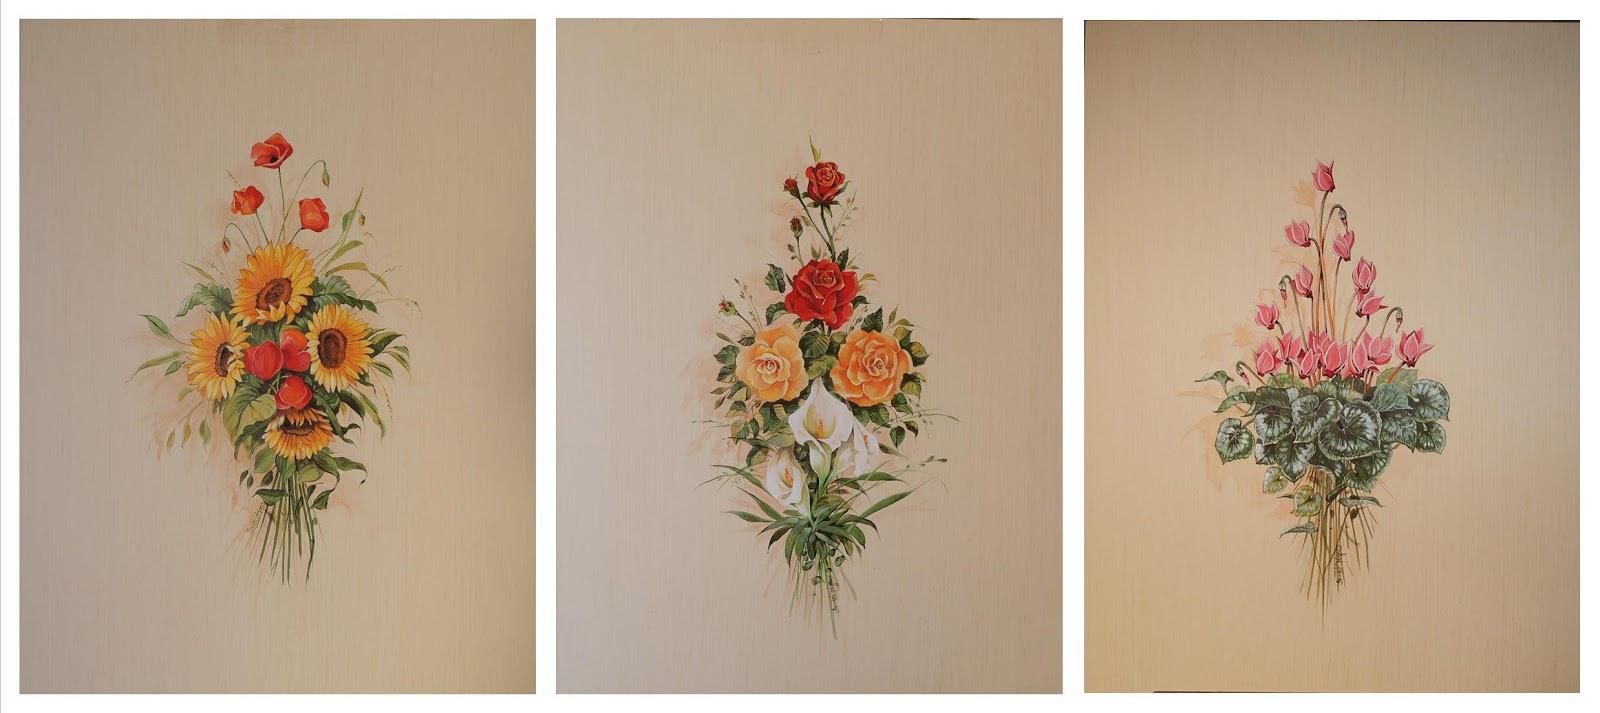 Mimmo beccarisi decorazioni floreali ante armadio a muro for Decorazioni muro